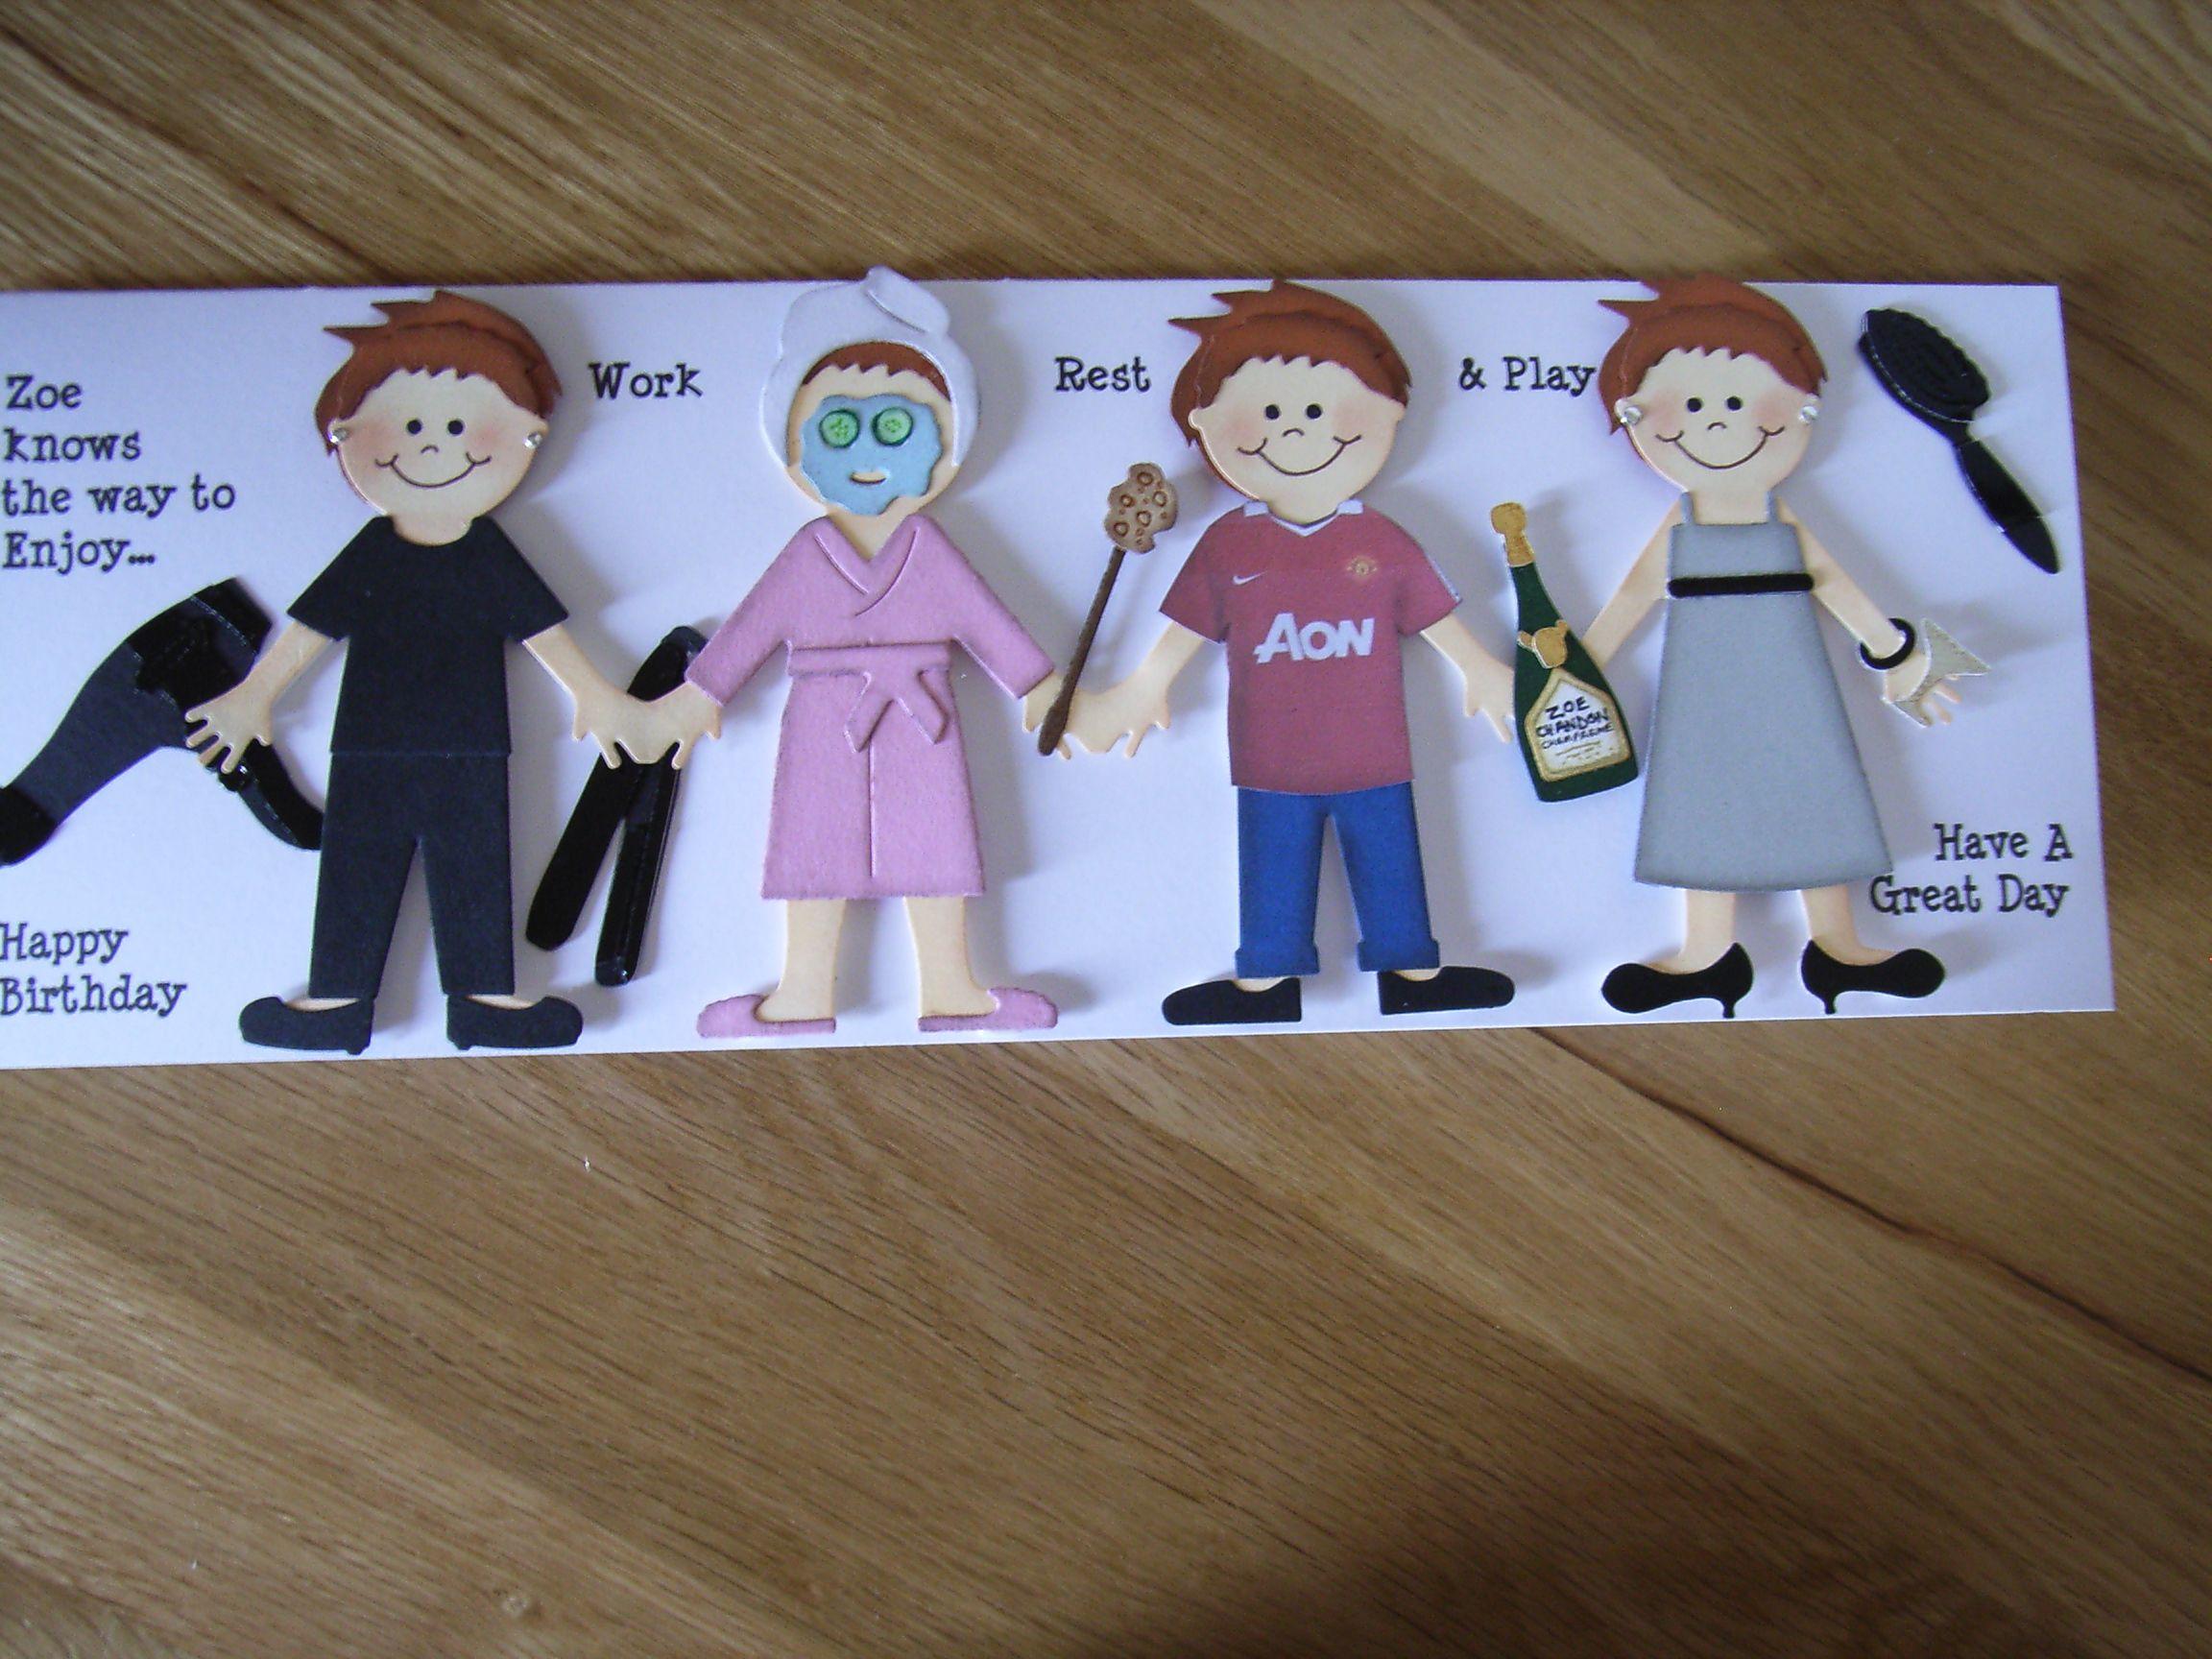 Hairdresser birthday card using quickutz revolution doll clothes hairdresser birthday card using quickutz revolution doll clothes and accessories dies kristyandbryce Gallery